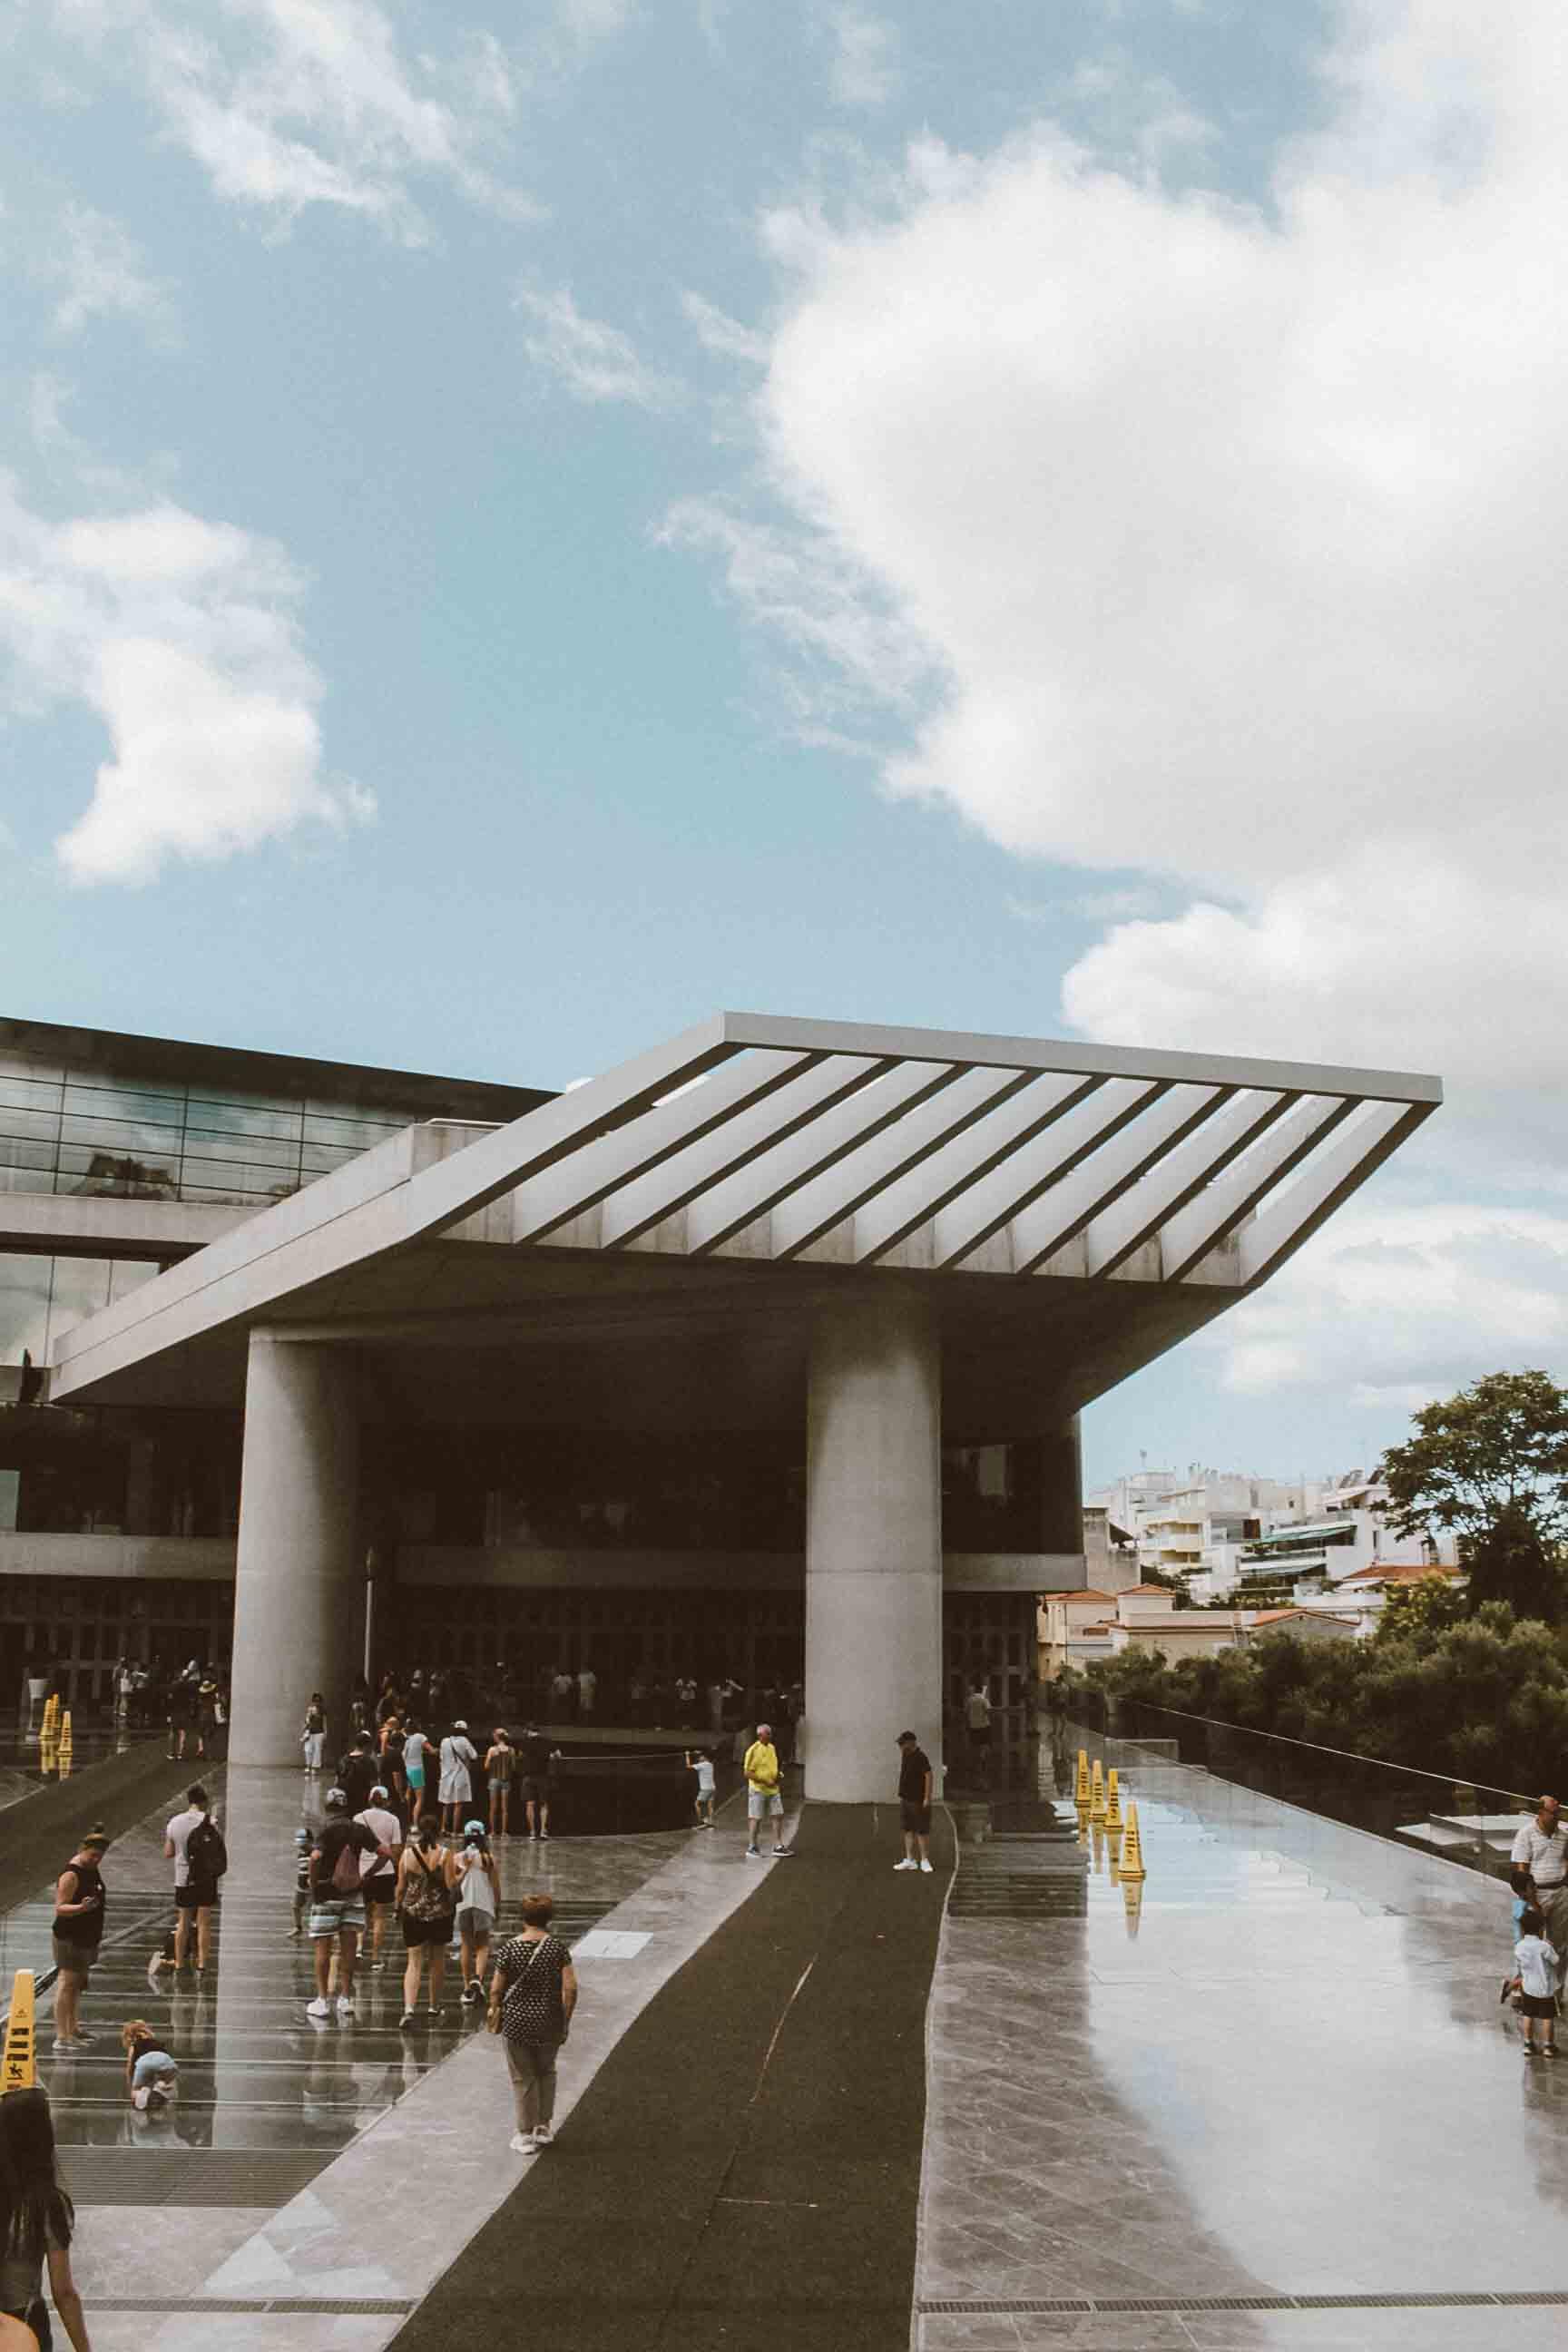 frente-museu-acropole-atenas.JPG